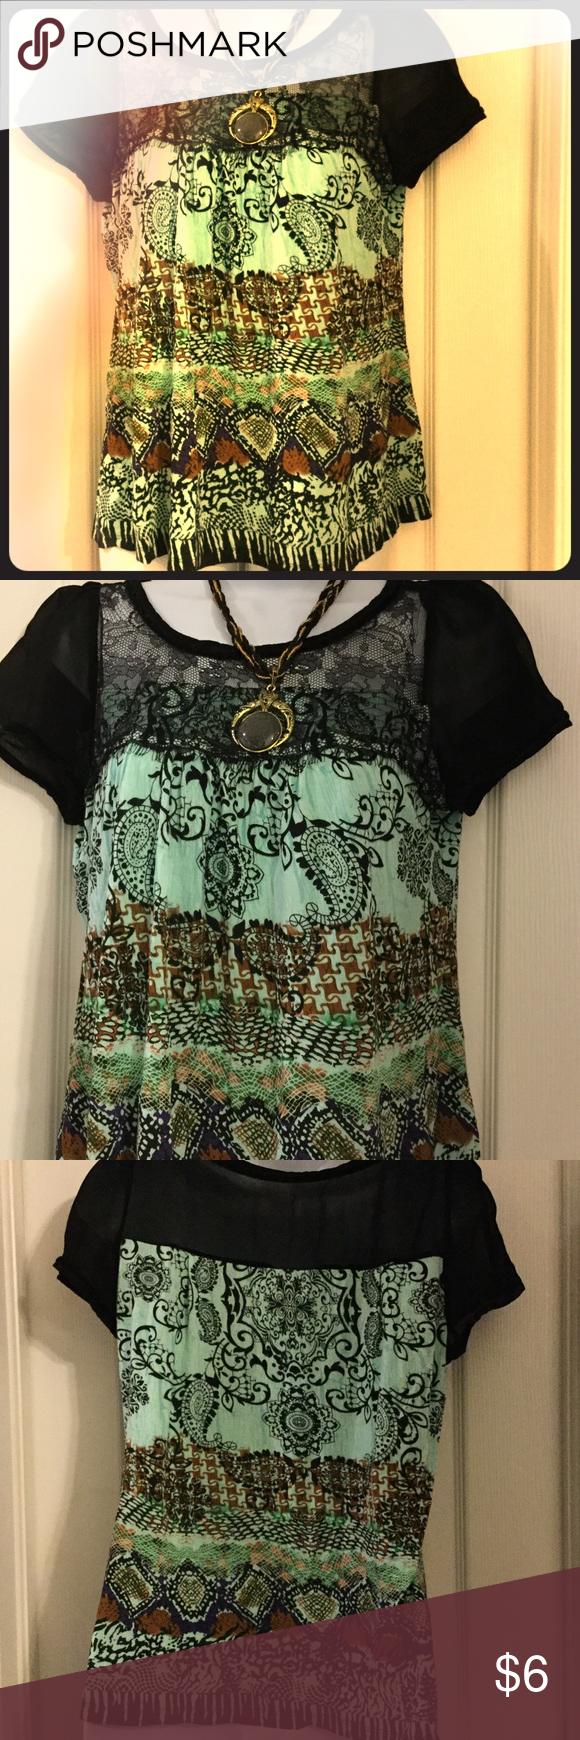 Bila blouse MP Black chiffon & lace design on top,100% rayon blouse Bila Tops Blouses